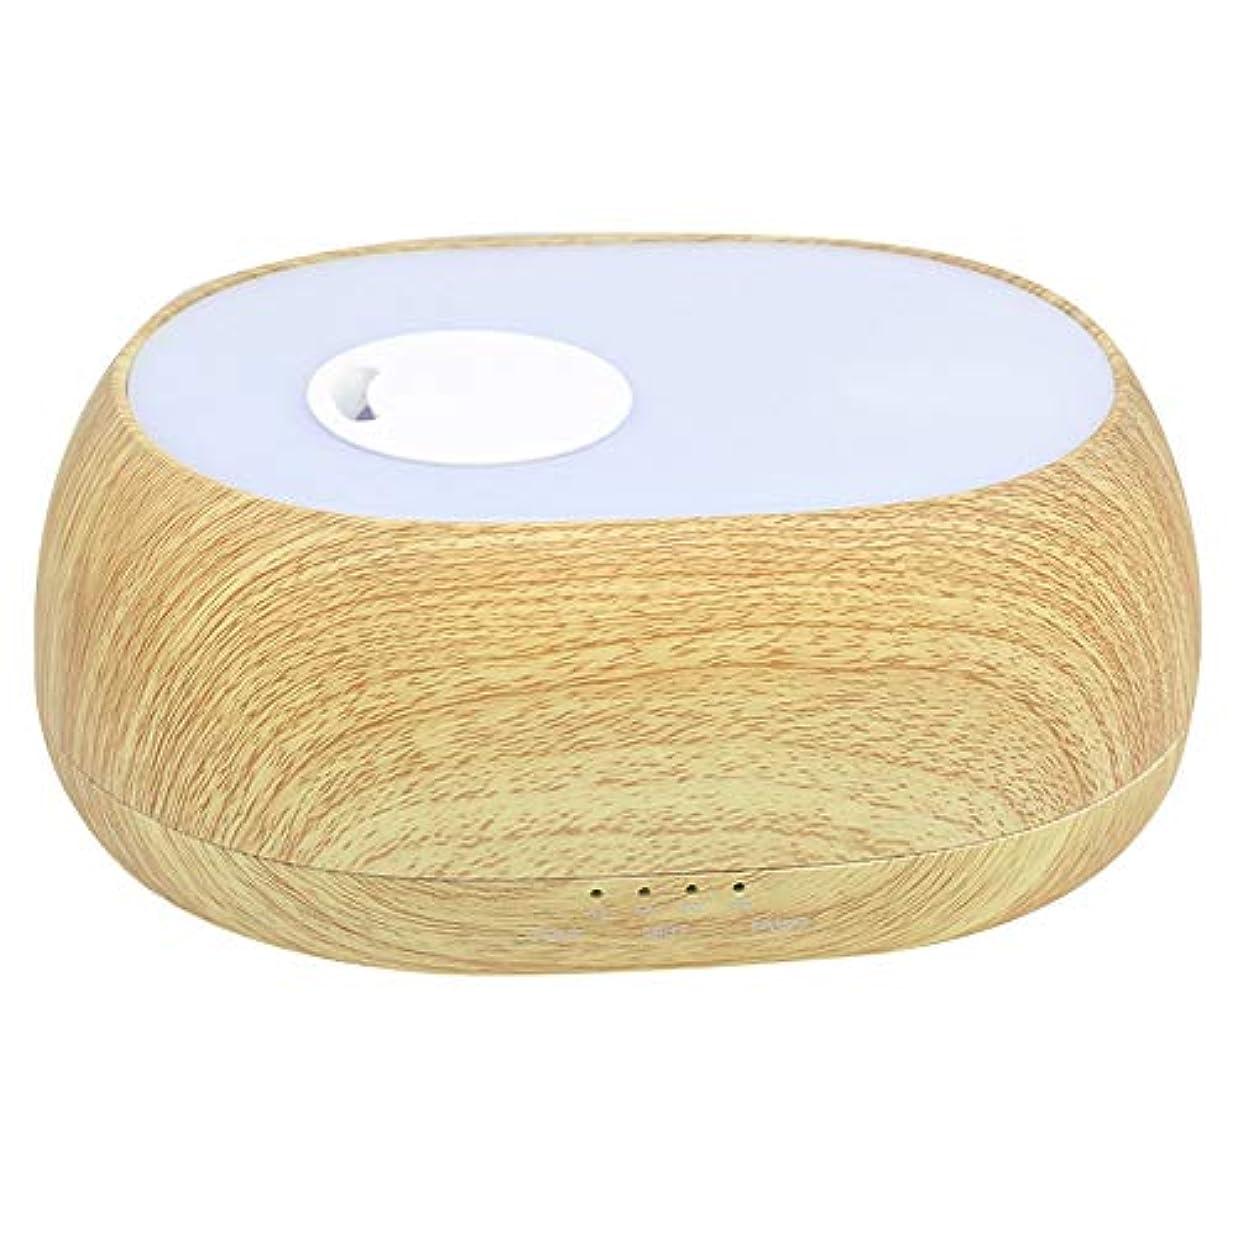 すなわち夕食を食べる四加湿器 超音波 クールミスト 7色ライト アロマセラピー 芳香 オイル蒸発器 ディフューザー エッセンシャルオイル エアー浄化 (500ml)(#1)